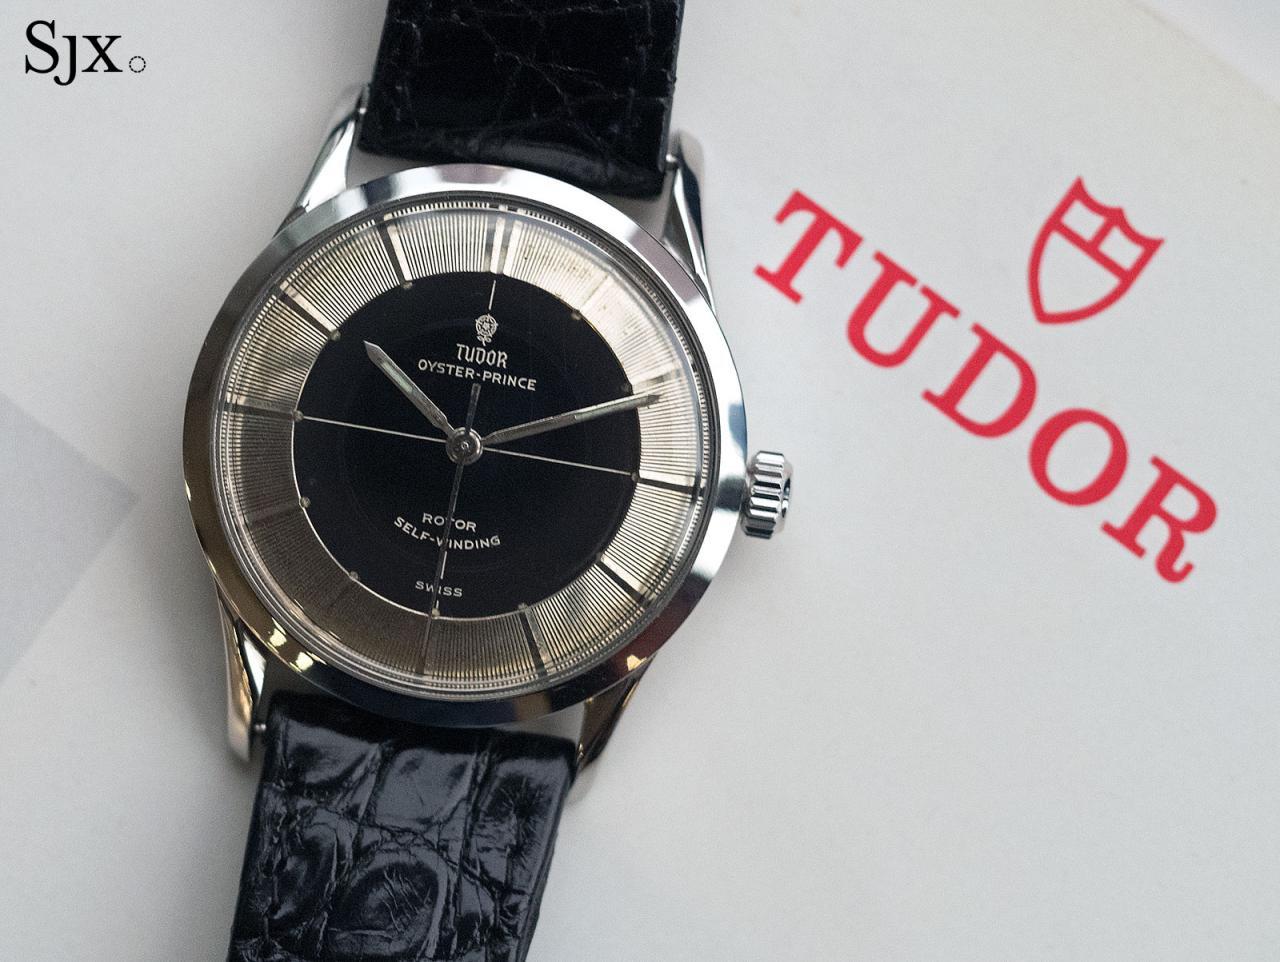 Tudor Oyster Prince Tuxedo ref. 7950 1